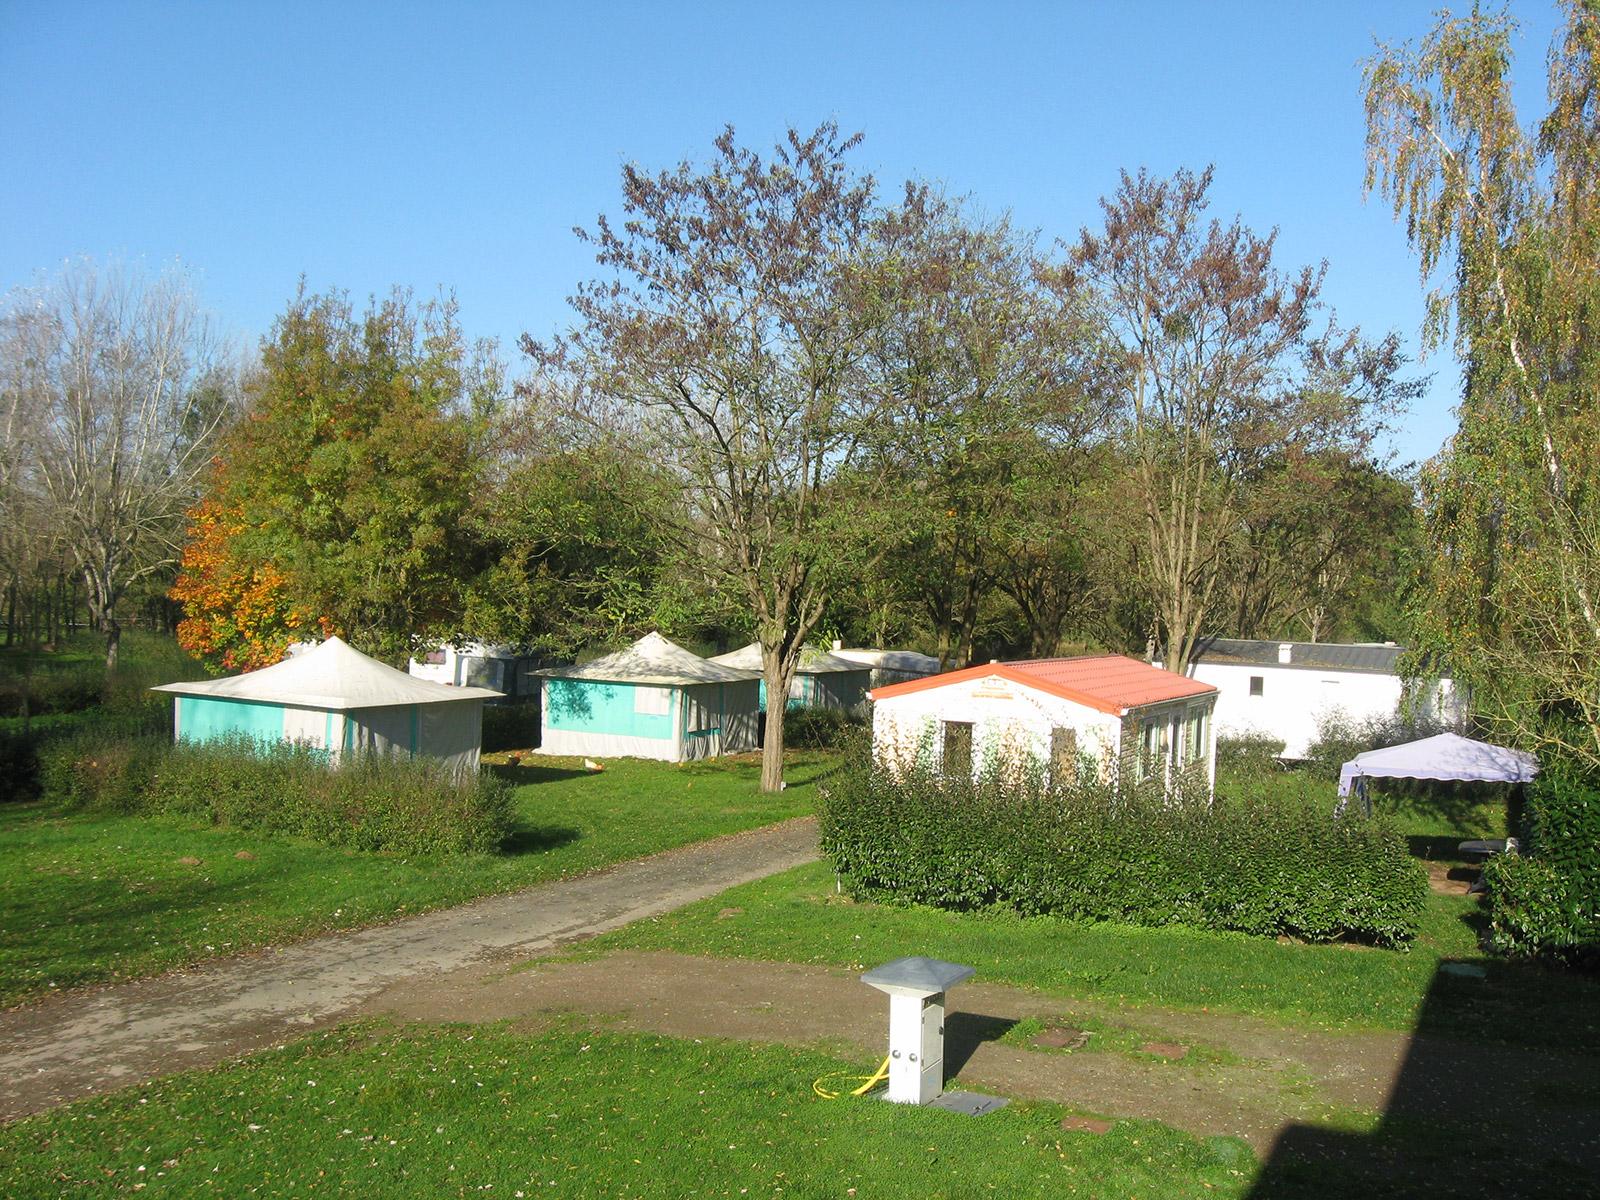 camping-photo-2013-211